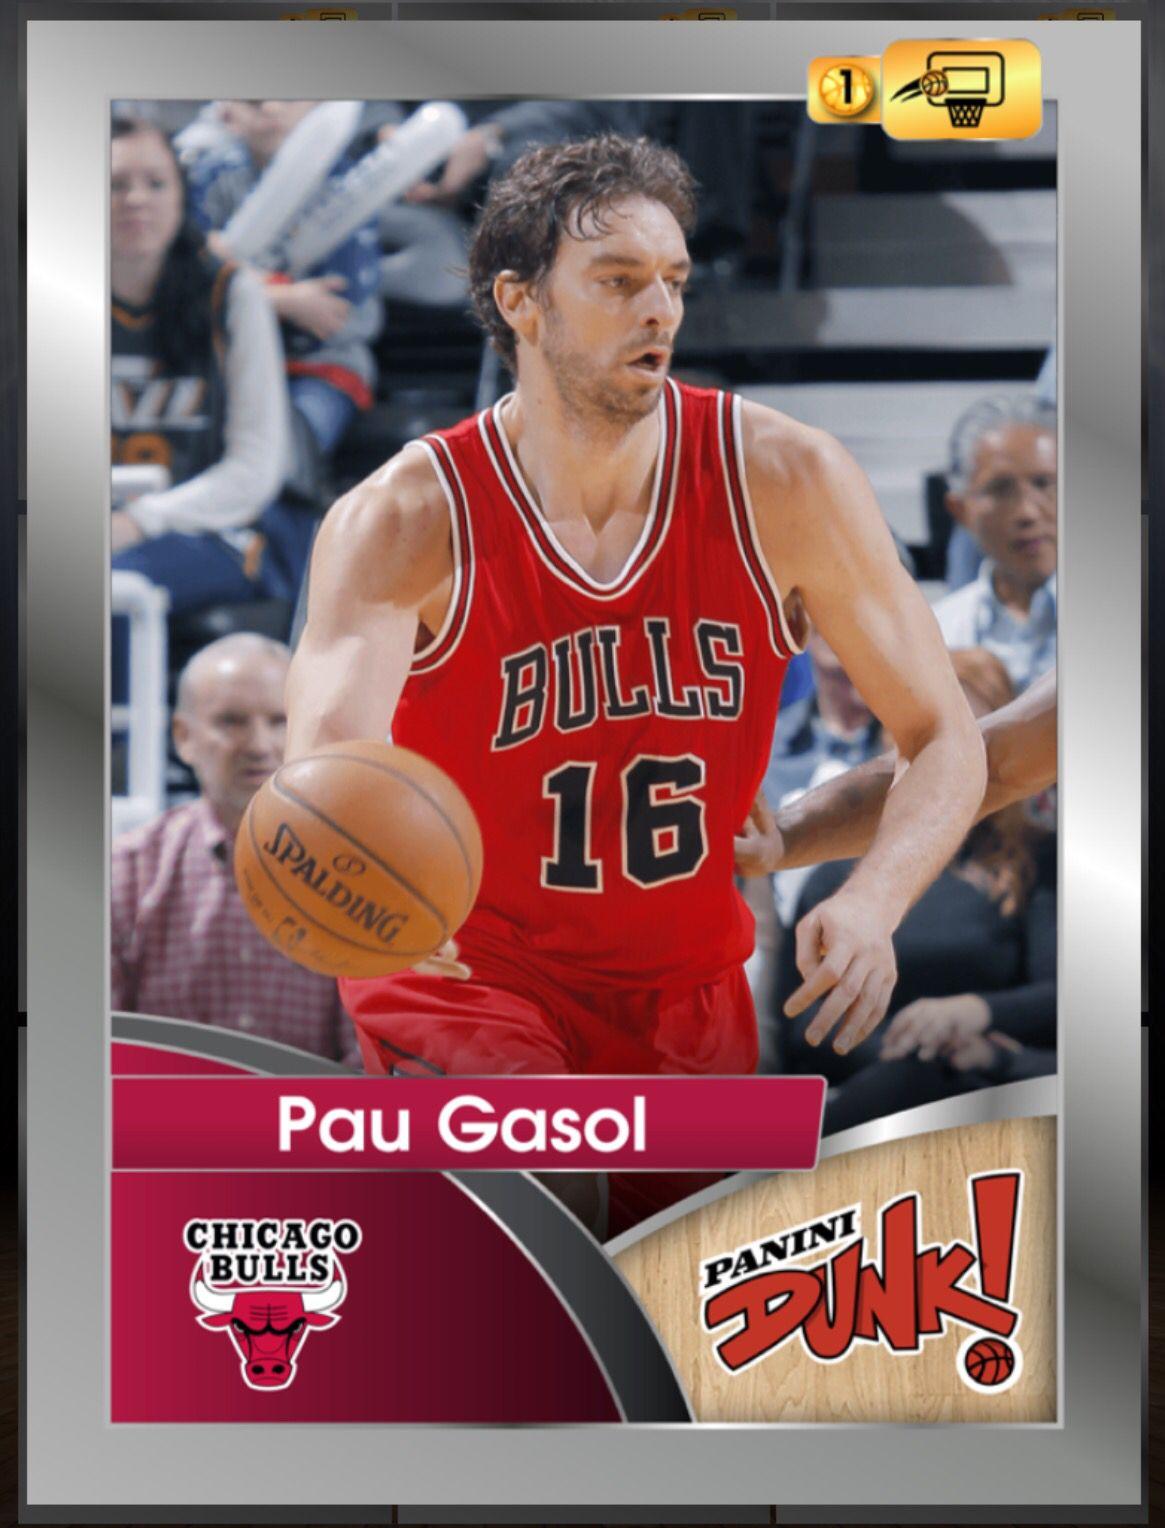 Pin on NBA Panini Dunk Digital Trading Cards